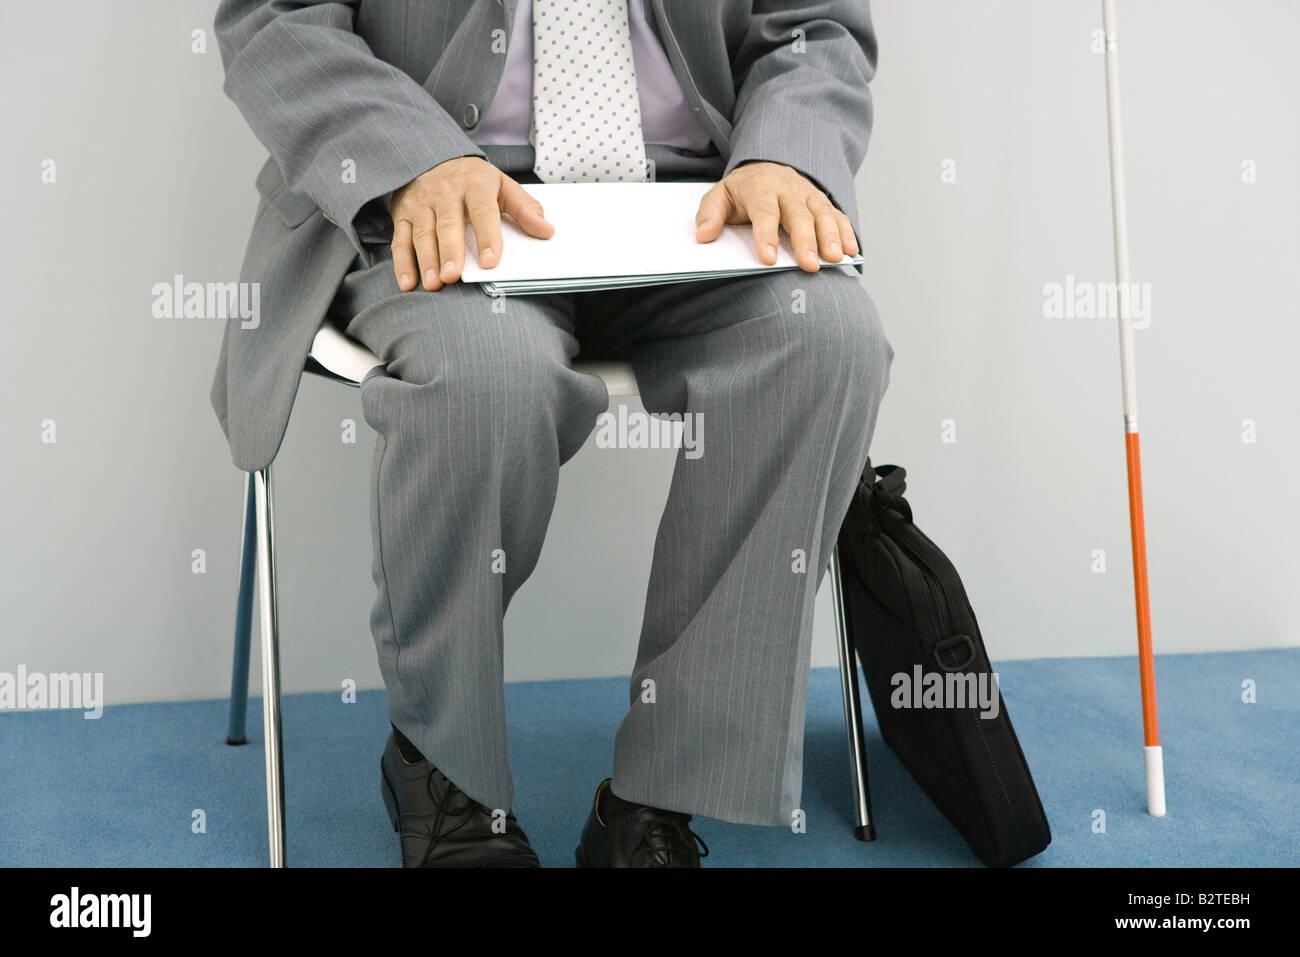 Empresario sentado en una silla, caña blanca apoyada junto a él, sosteniendo el documento, recortadas Foto de stock